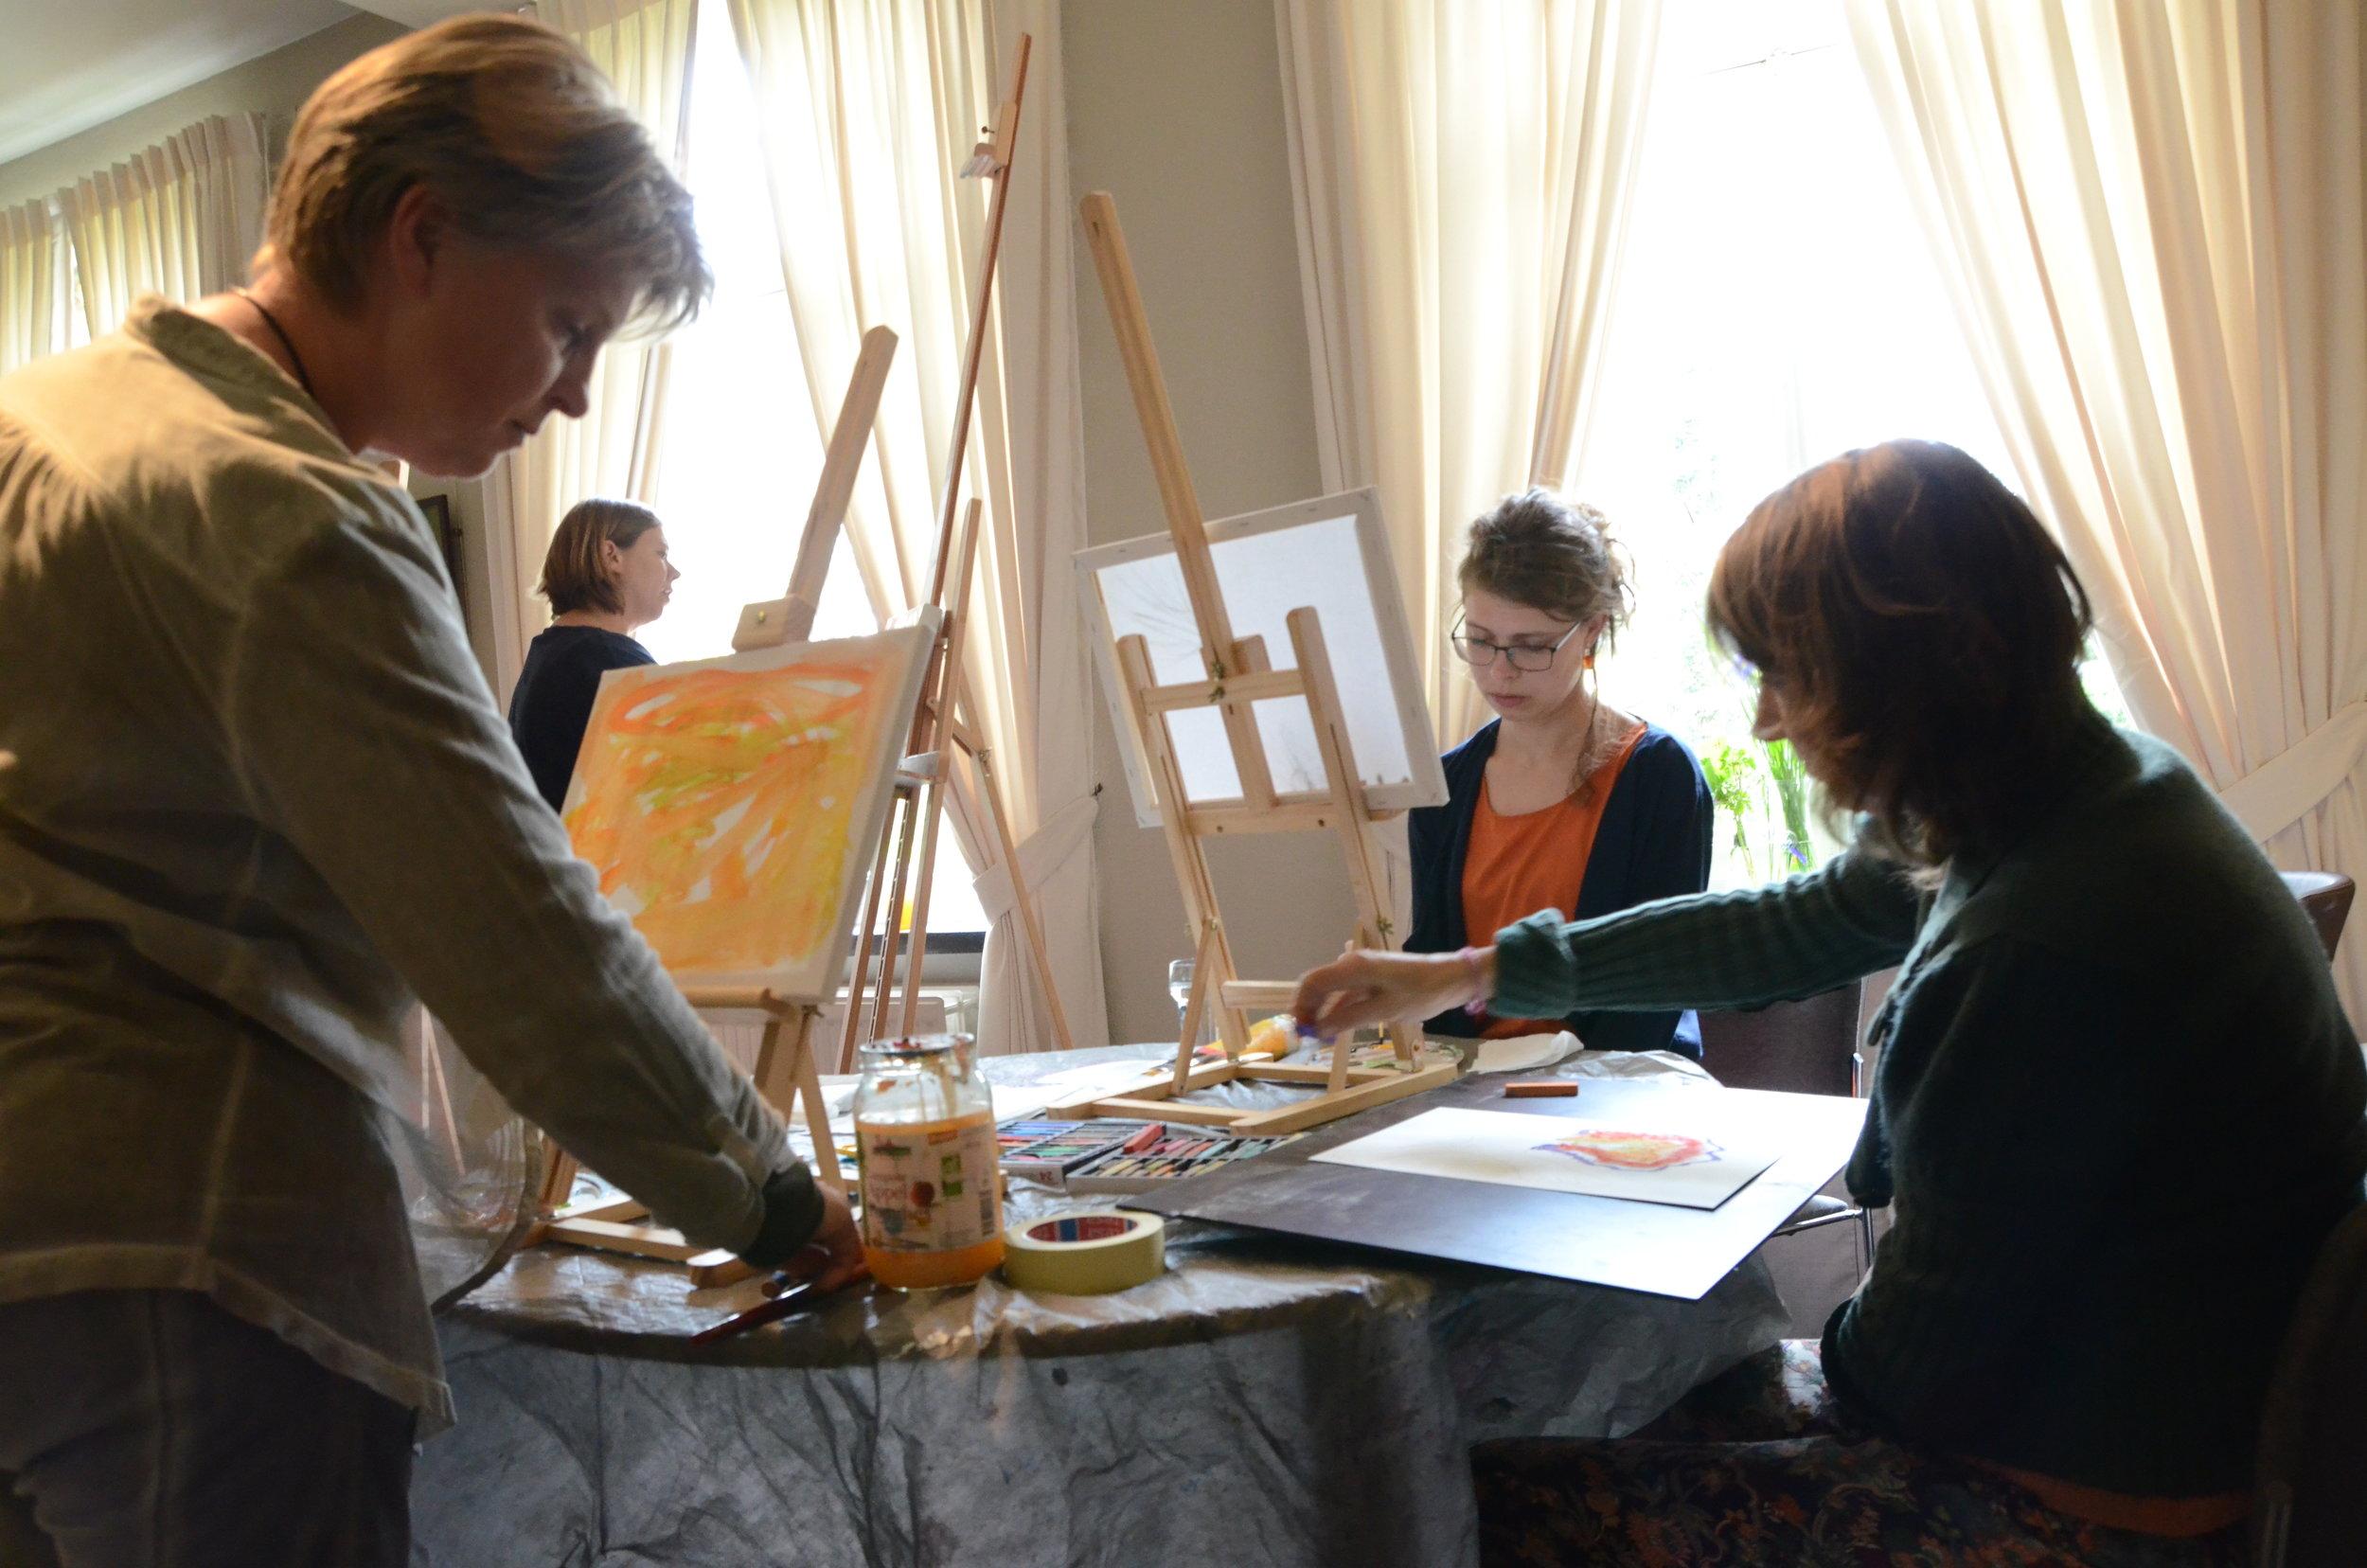 workshop_beeld1.JPG